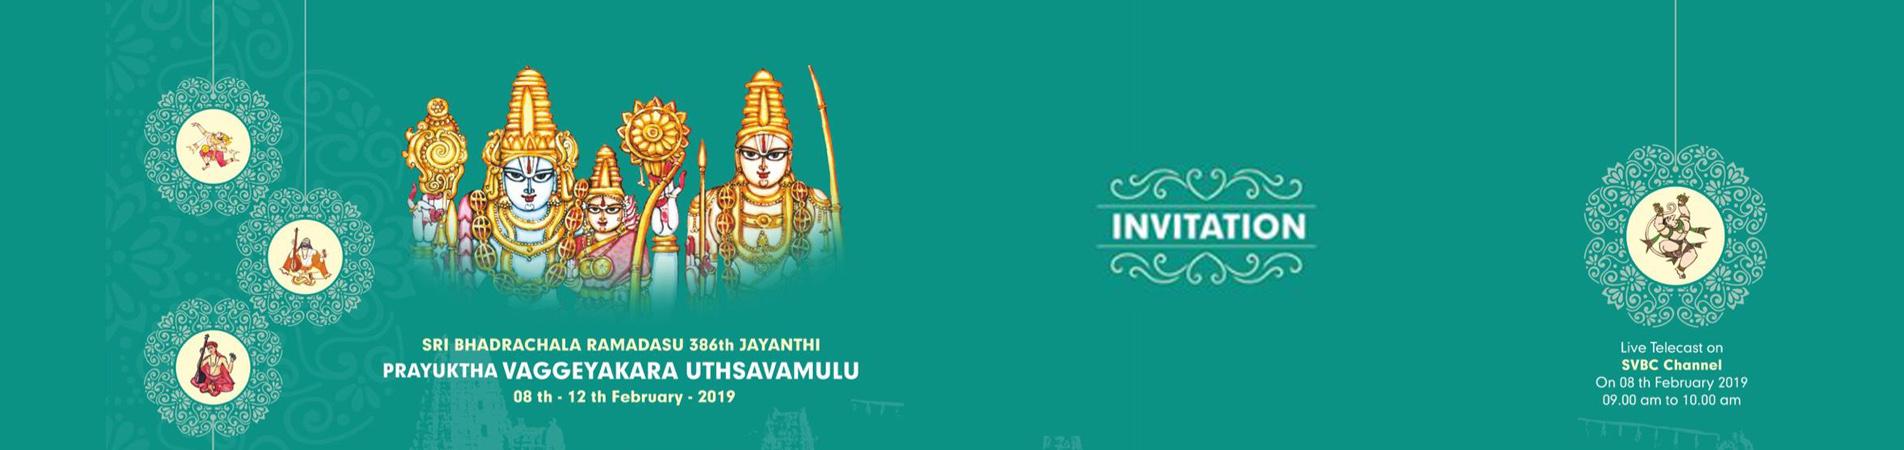 invite-banner